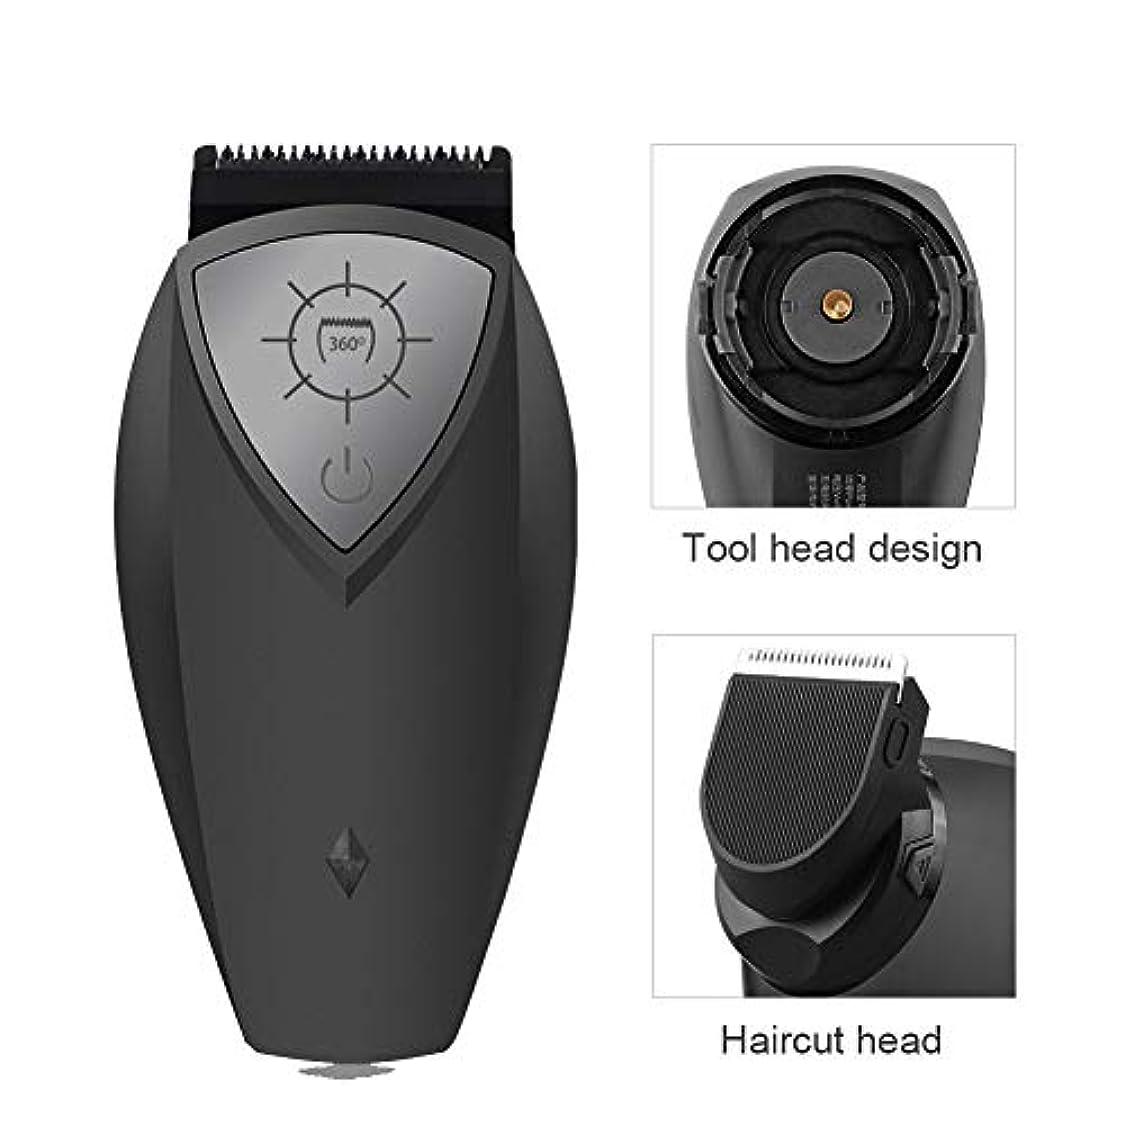 発言する東部入るLambowo 360度の回転式有料男性の電気シェーバーボディひげの毛のトリマーのかみそり